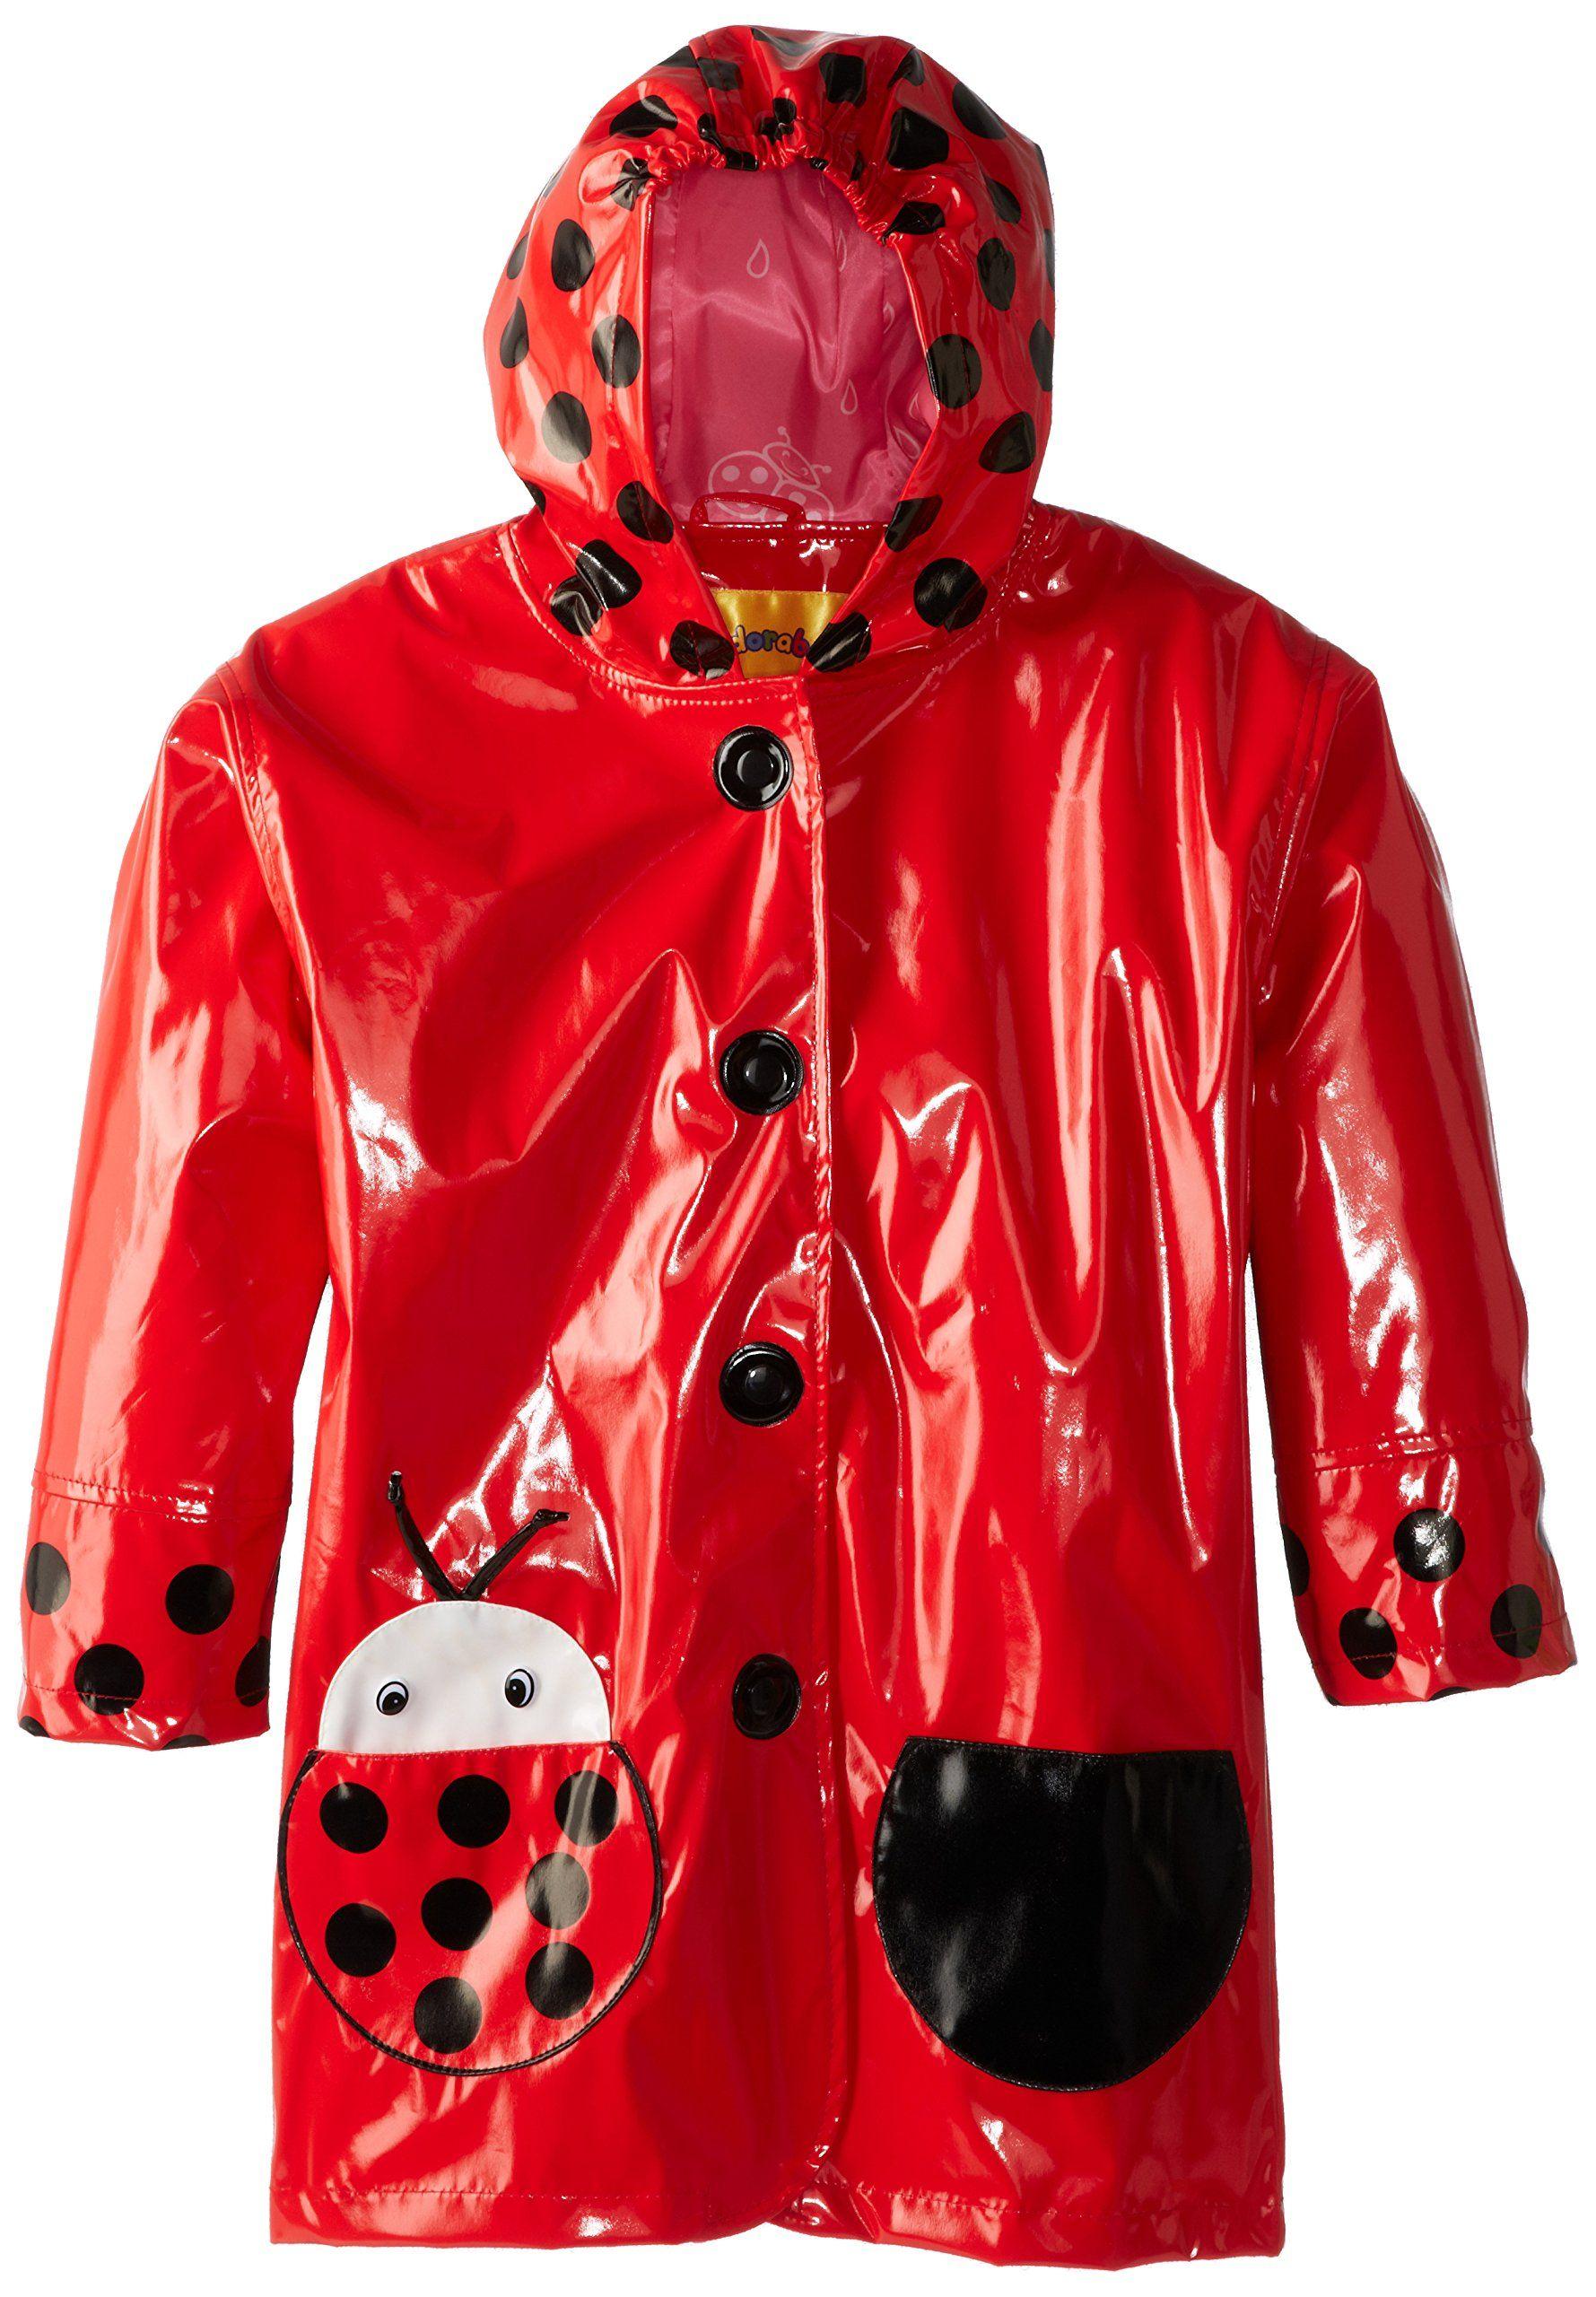 dacf4441c579 Kidorable Toddler Little Kid Ladybug Raincoat